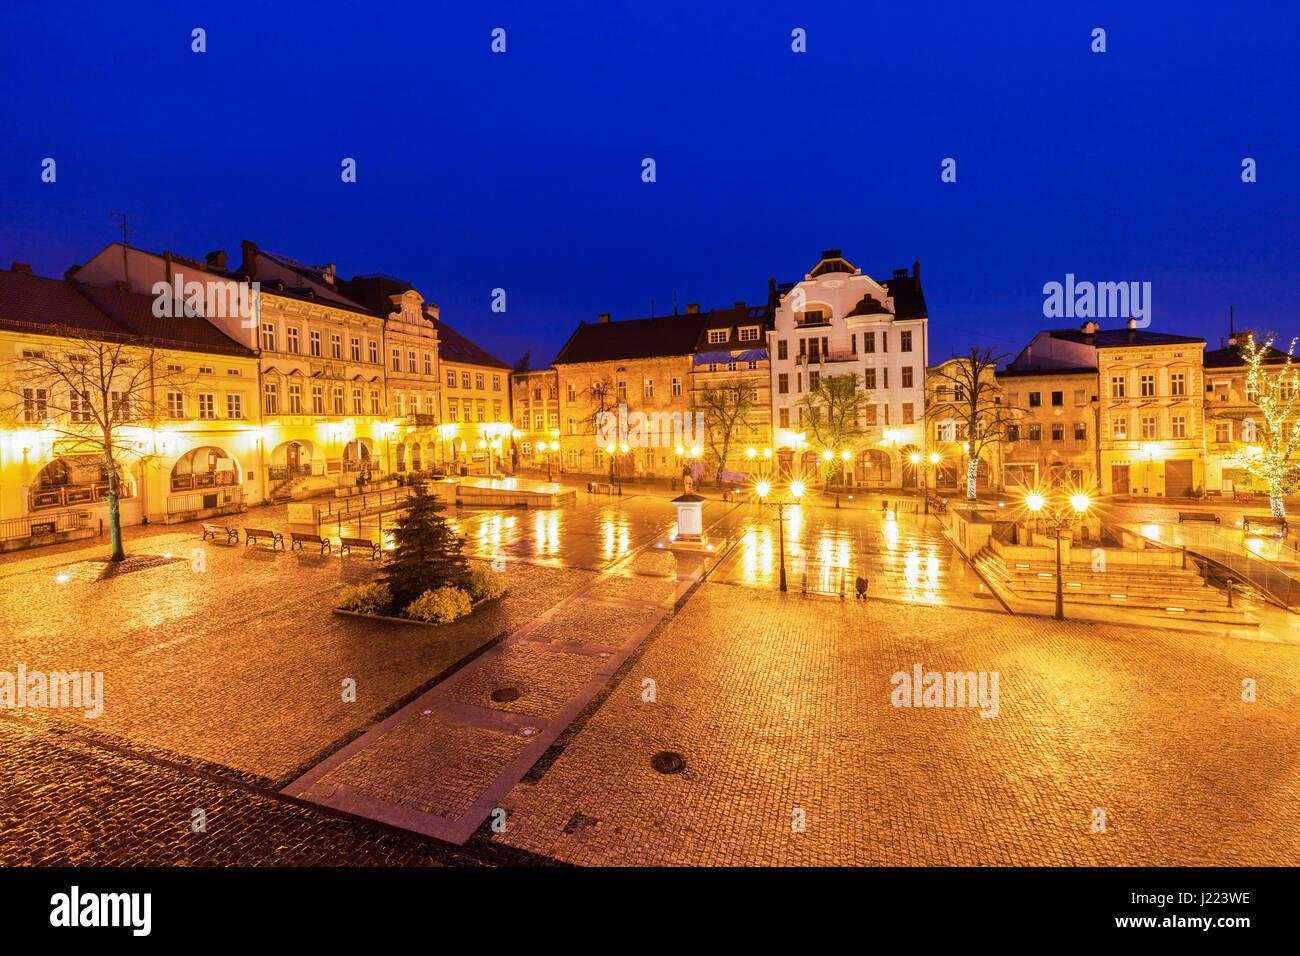 Main Square in Bielsko-Biala. Bielsko-Biala, Silesia, Poland. - Stock Image